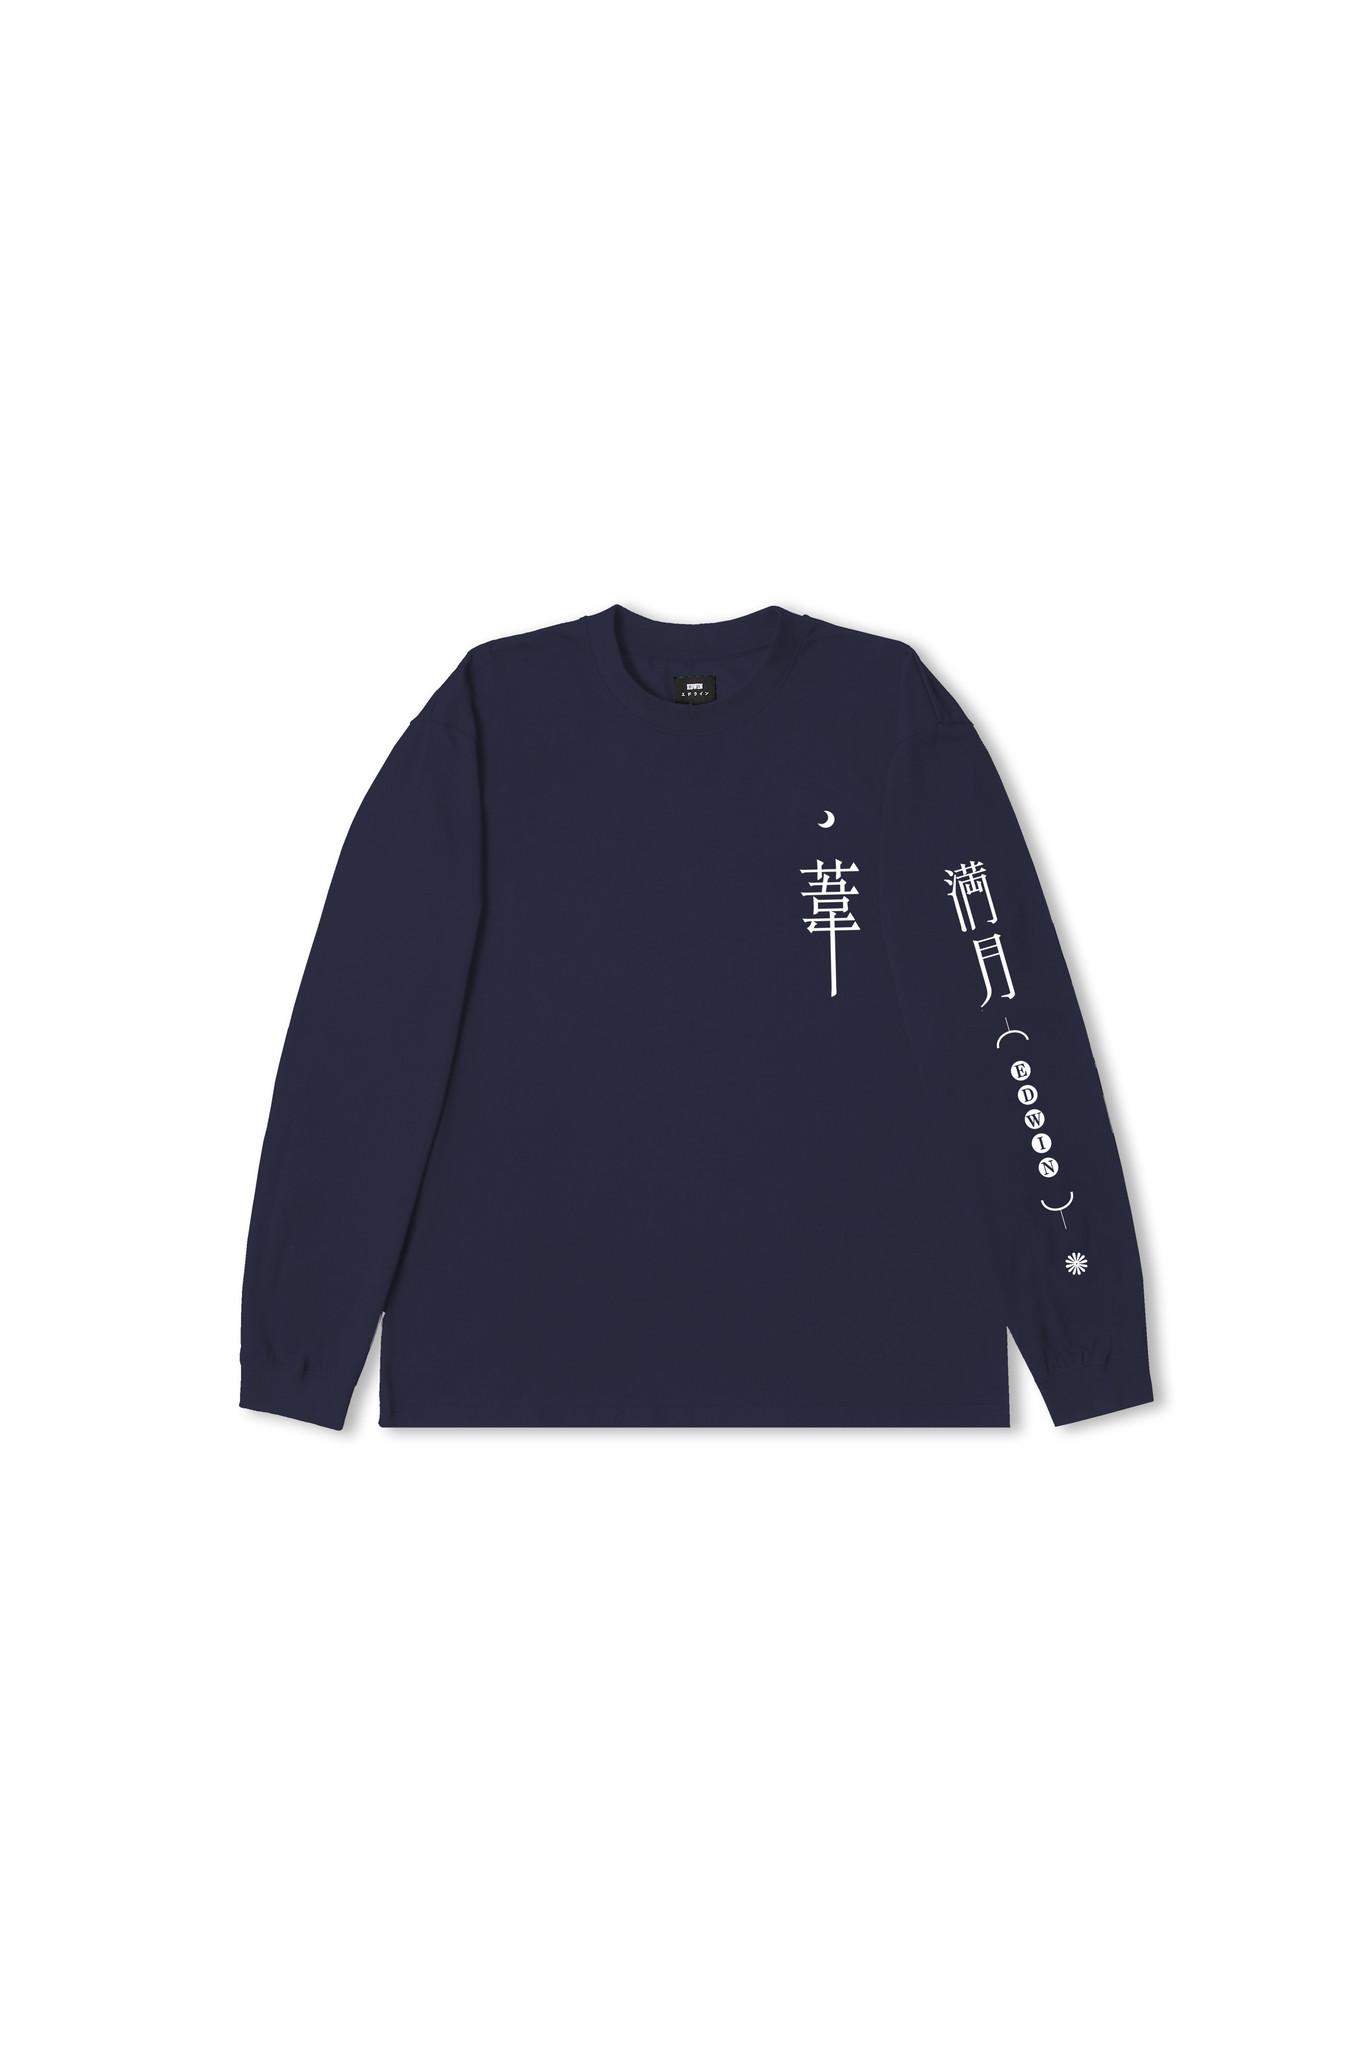 Dream Diaries T-shirt longsleeve Blauw-1